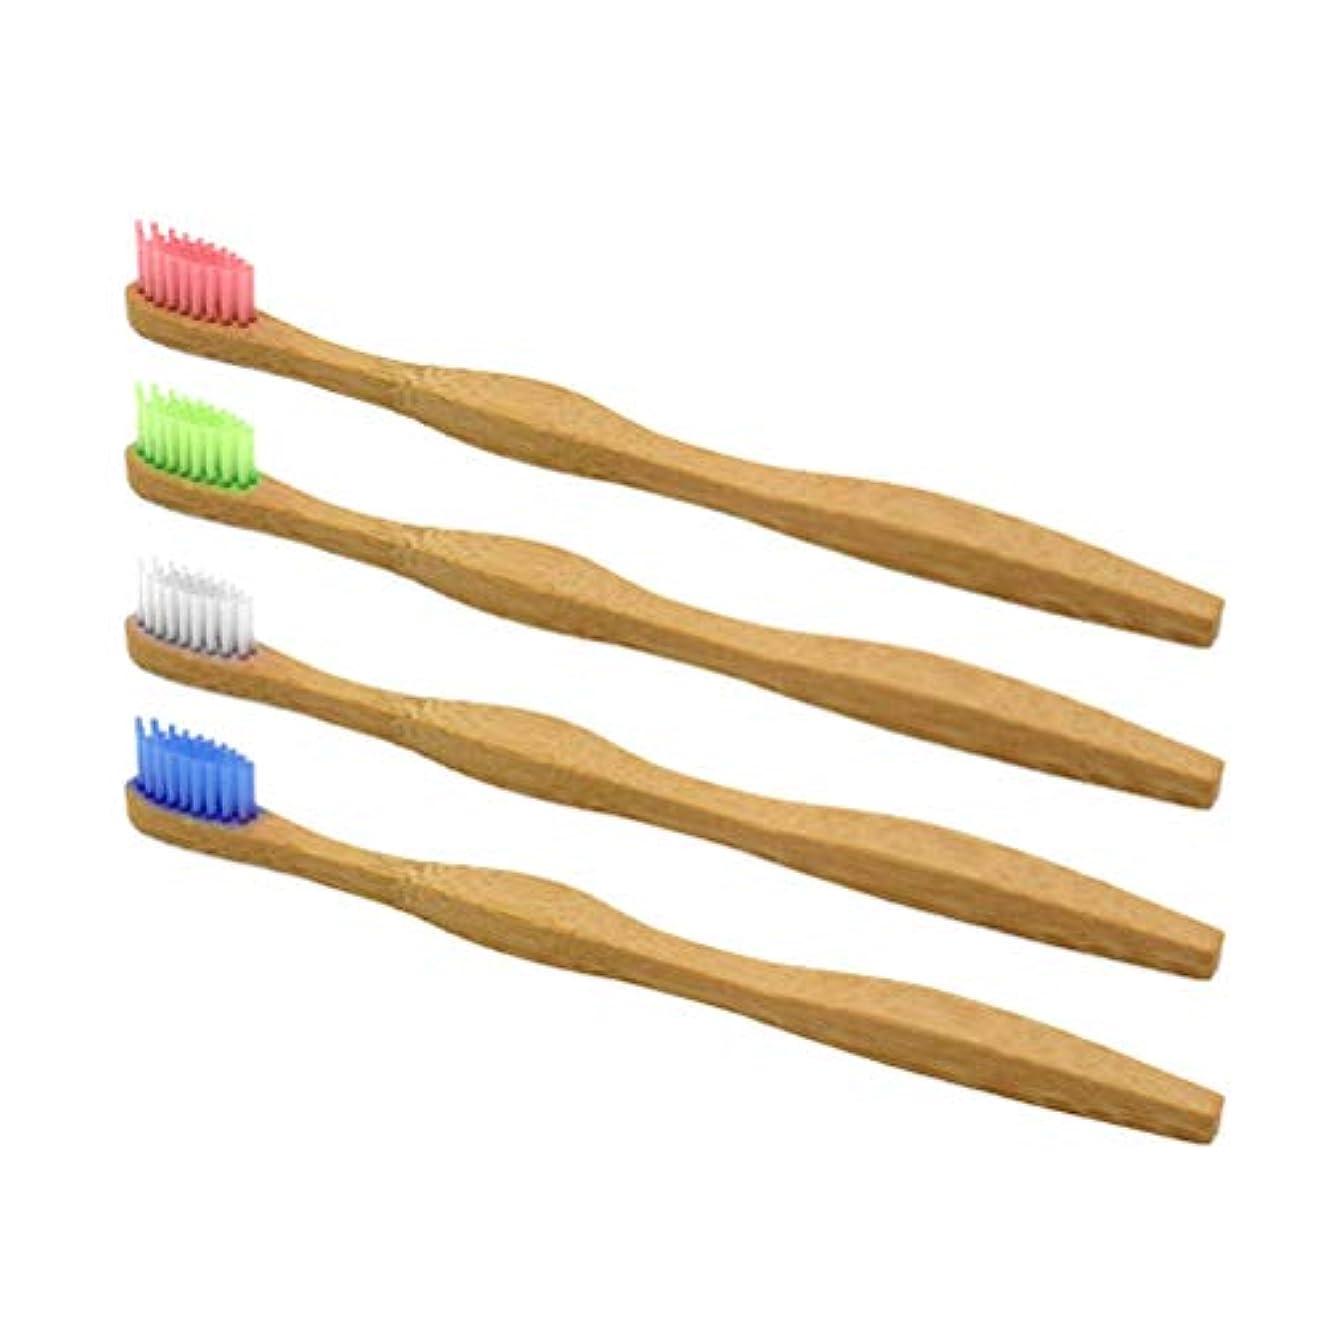 溢れんばかりの排出夜間SUPVOX竹製の歯ブラシオーラルケアクリーニングセット用柔らかい歯ブラシセット4本(アソートカラー)